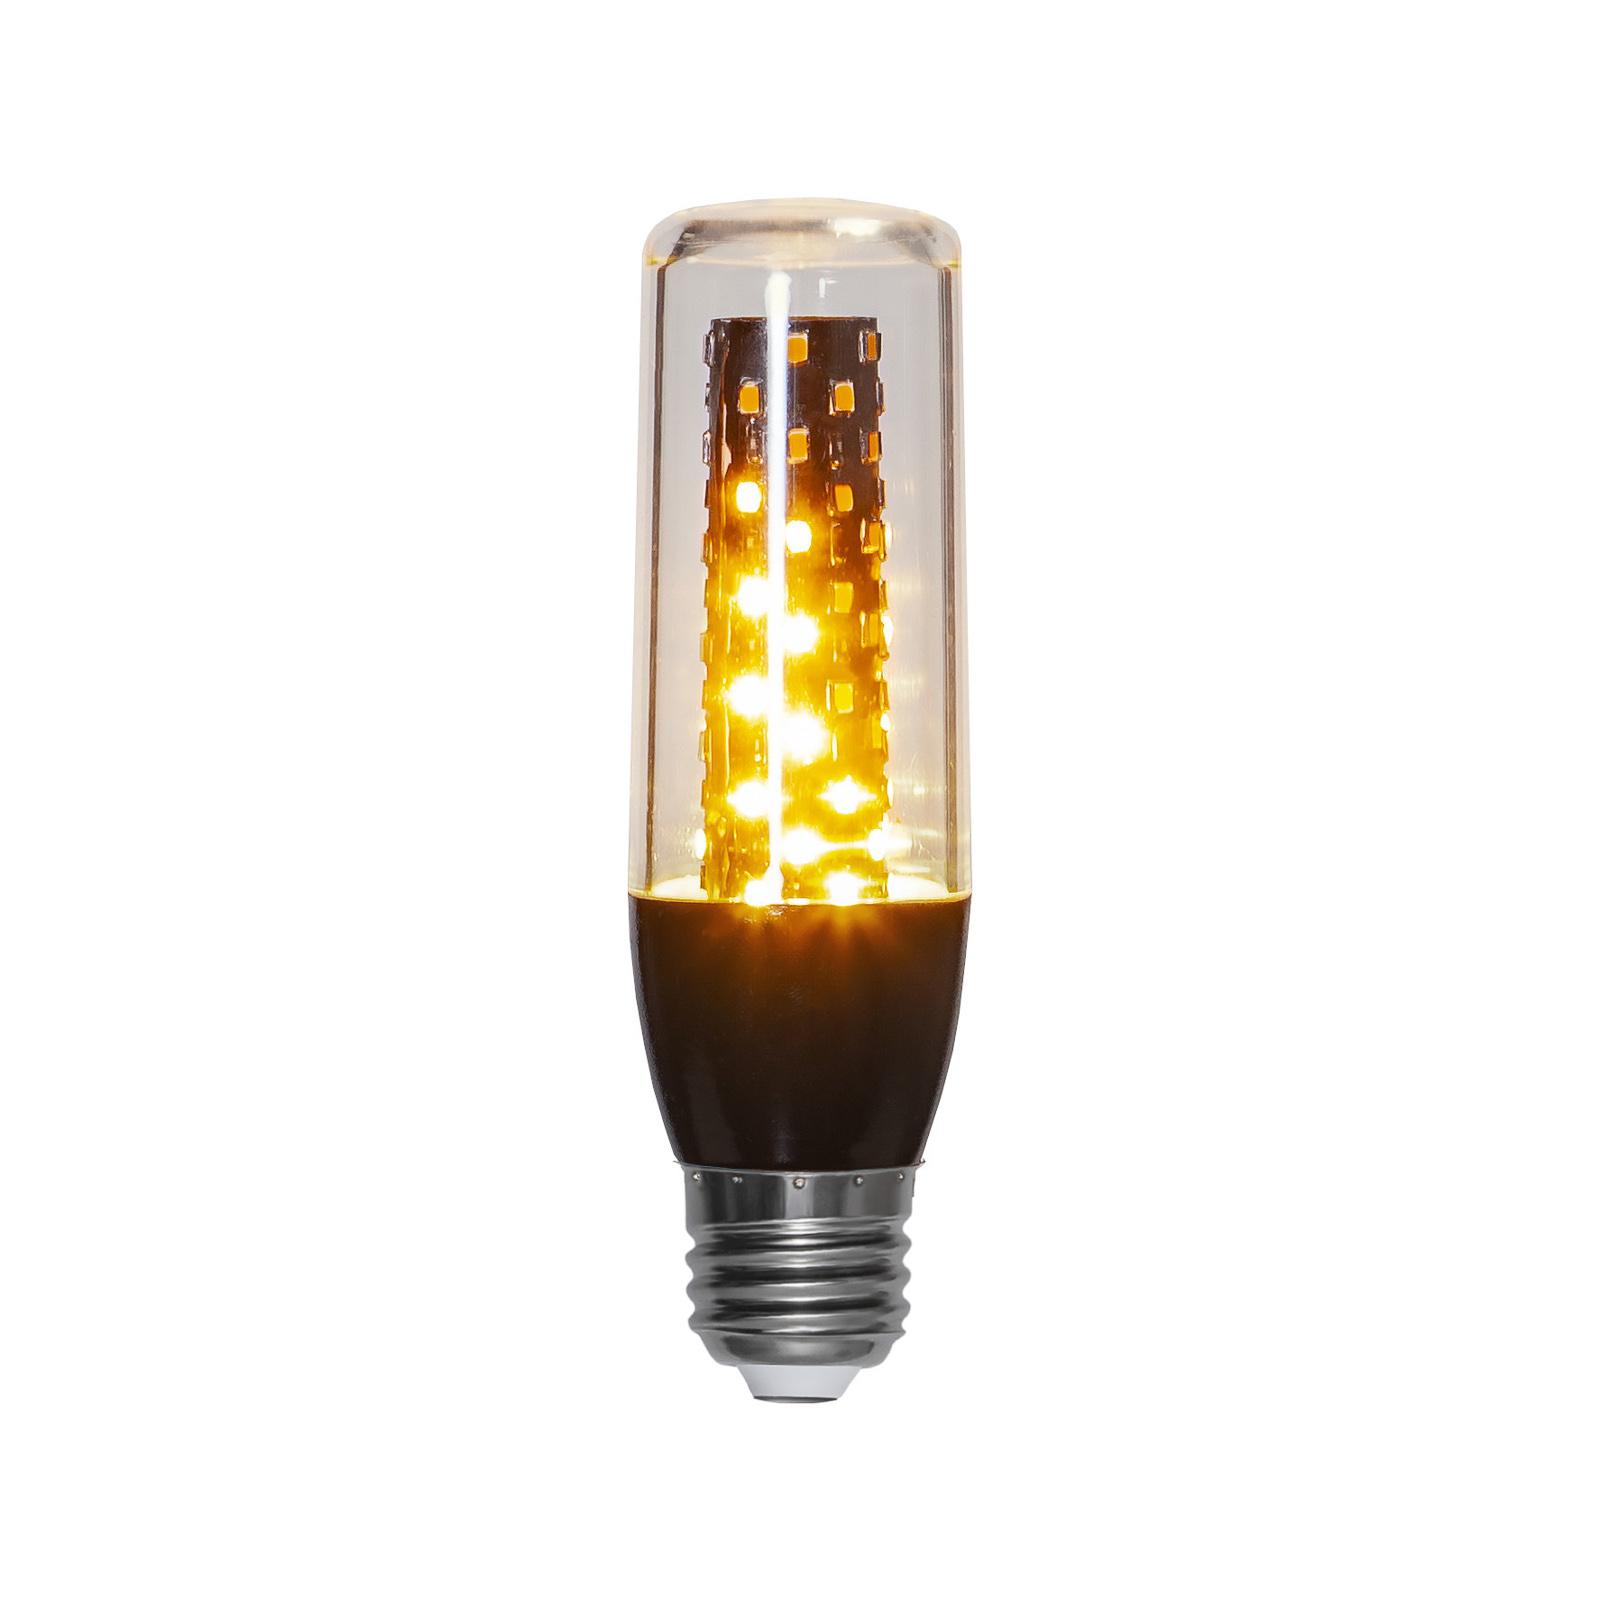 LED-pære Flame E27 3,3 W med retningssensor